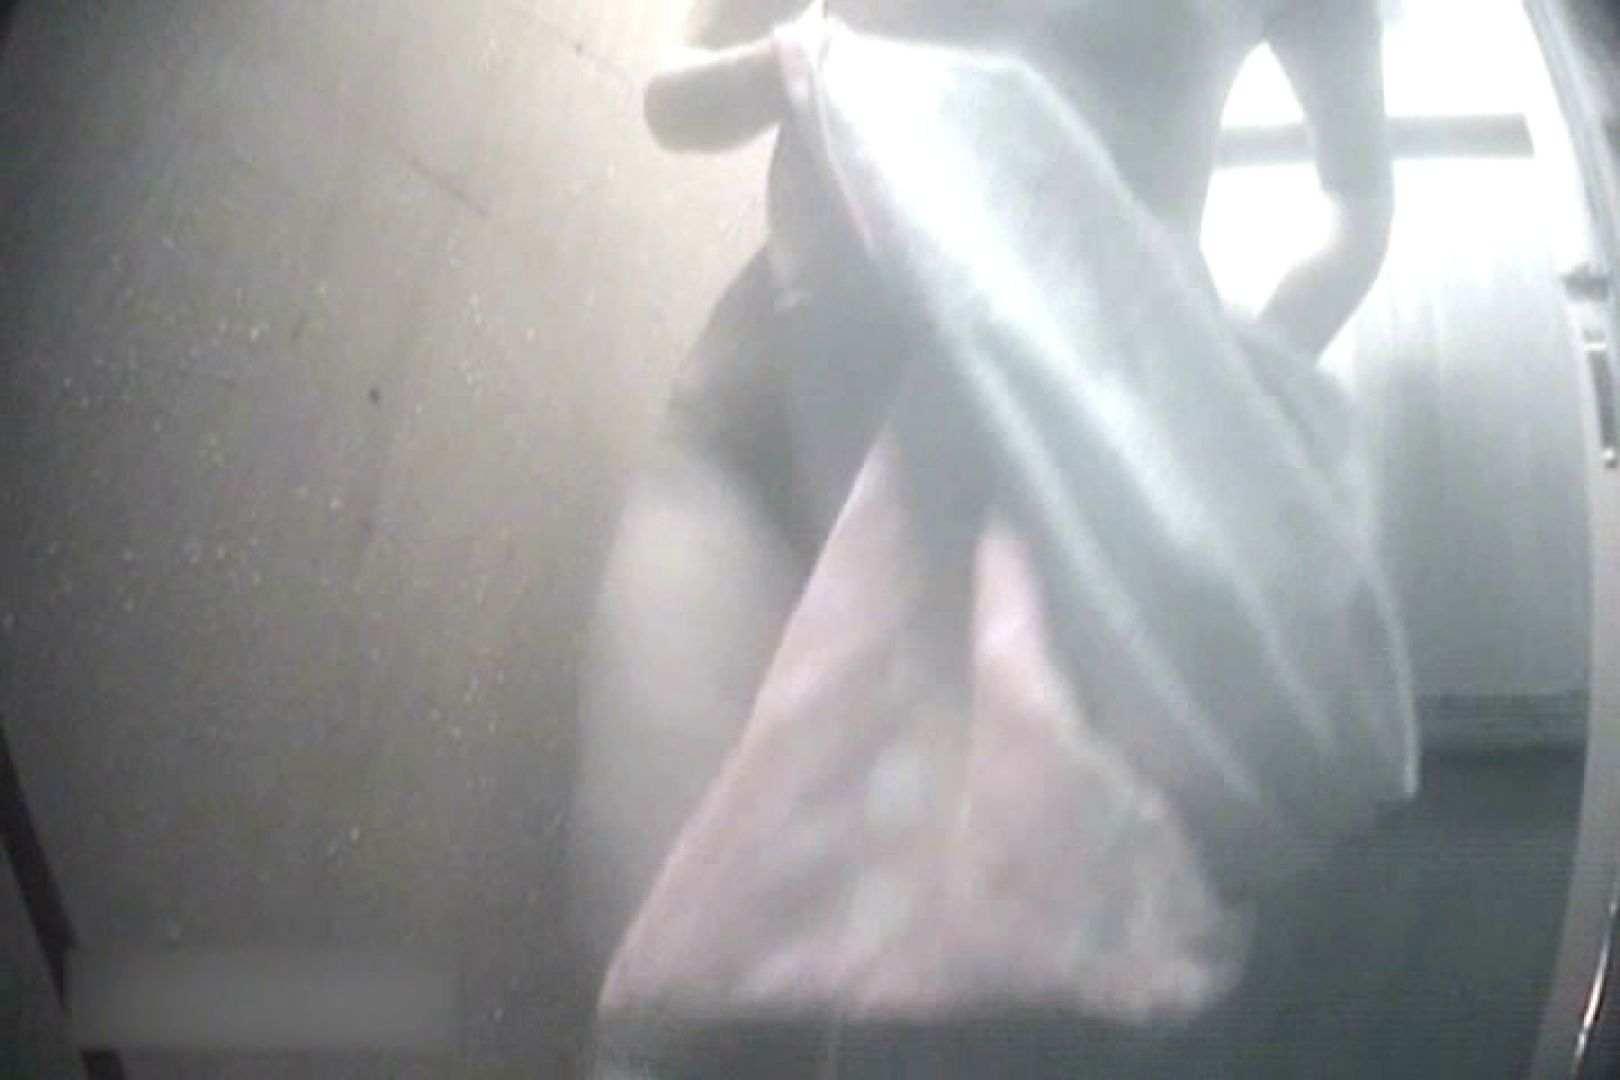 夏海シャワー室!ベトベトお肌をサラサラに!VOL.06 シャワー室  75pic 8